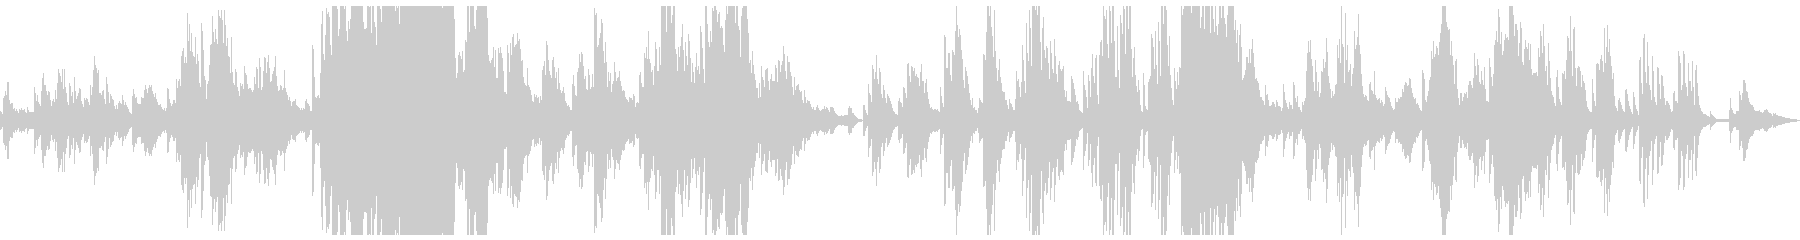 ドビュッシー「夢」ピアノ打ち込みの未再生の波形